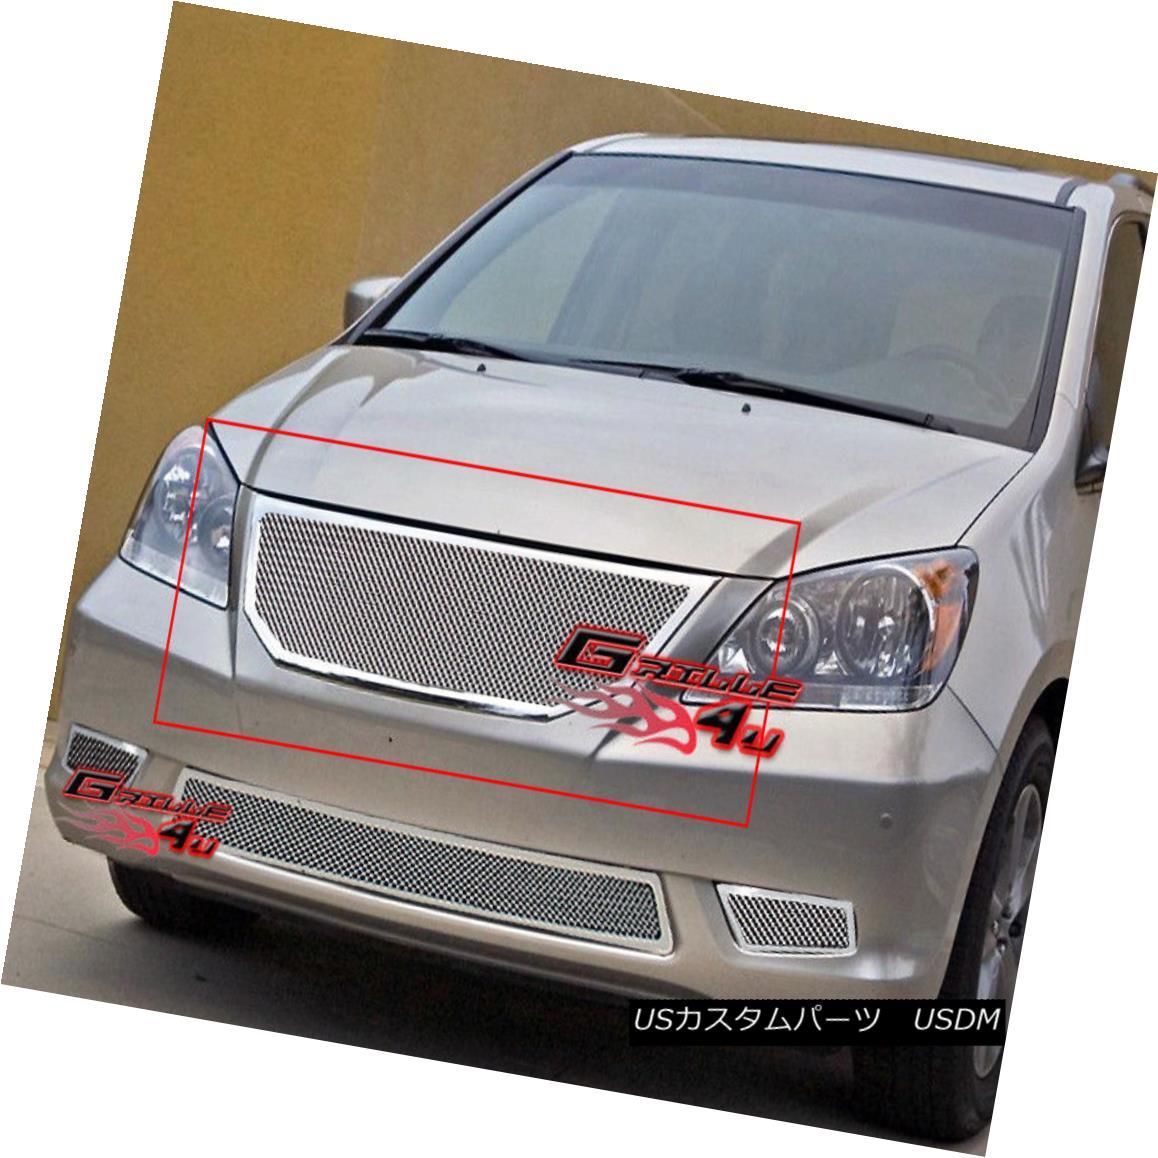 グリル For 08-10 Honda Odyssey Stainless Mesh Grille Insert 08-10ホンダオデッセイステンレスメッシュグリルインサート